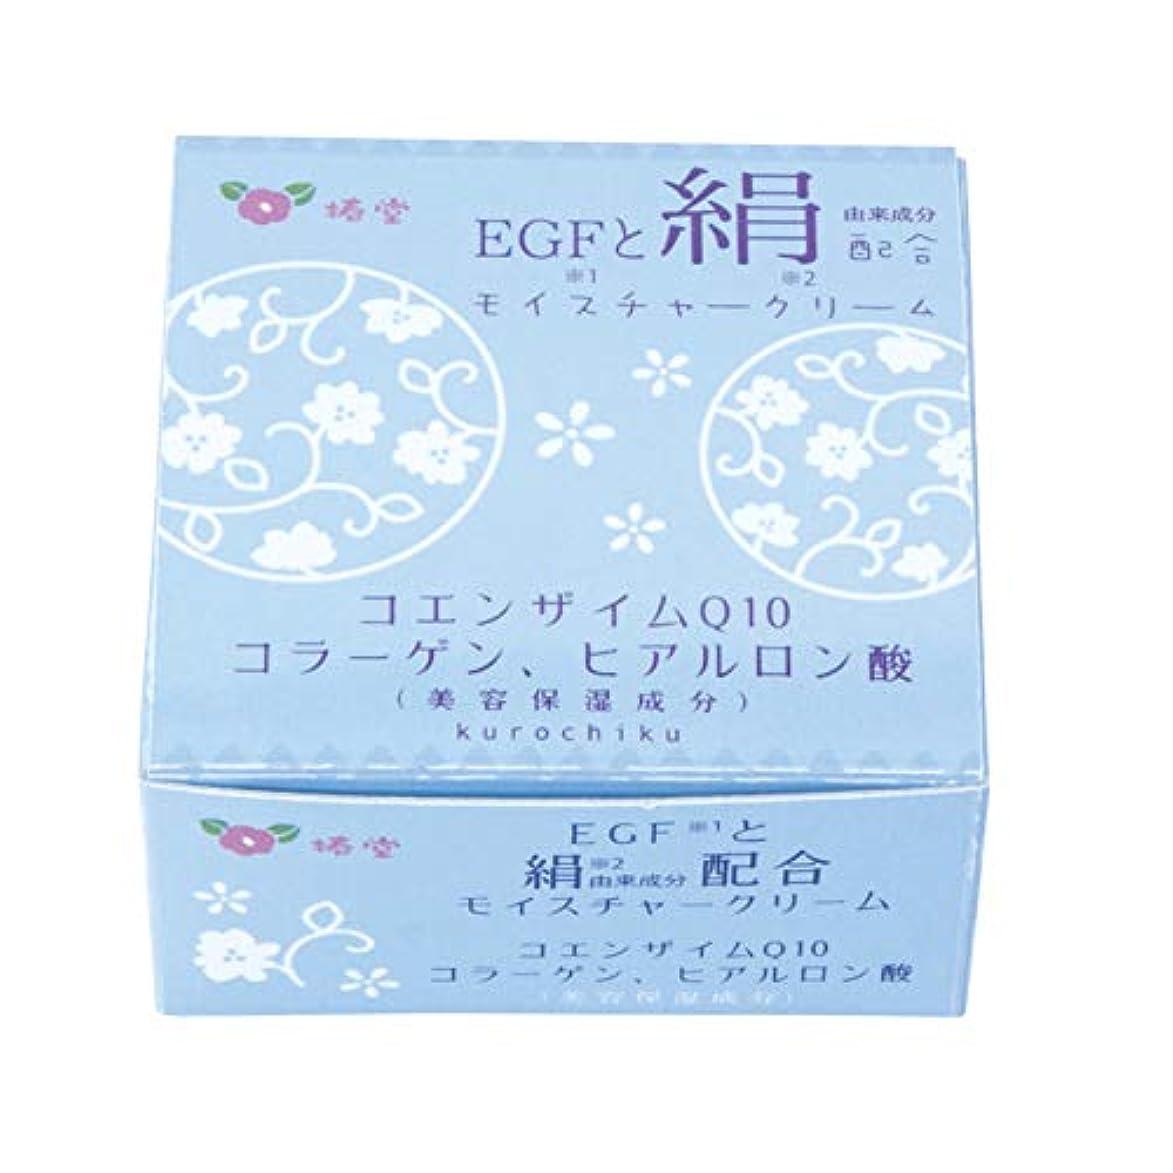 王室フレッシュドループ椿堂 絹モイスチャークリーム (FGFと絹) 京都くろちく